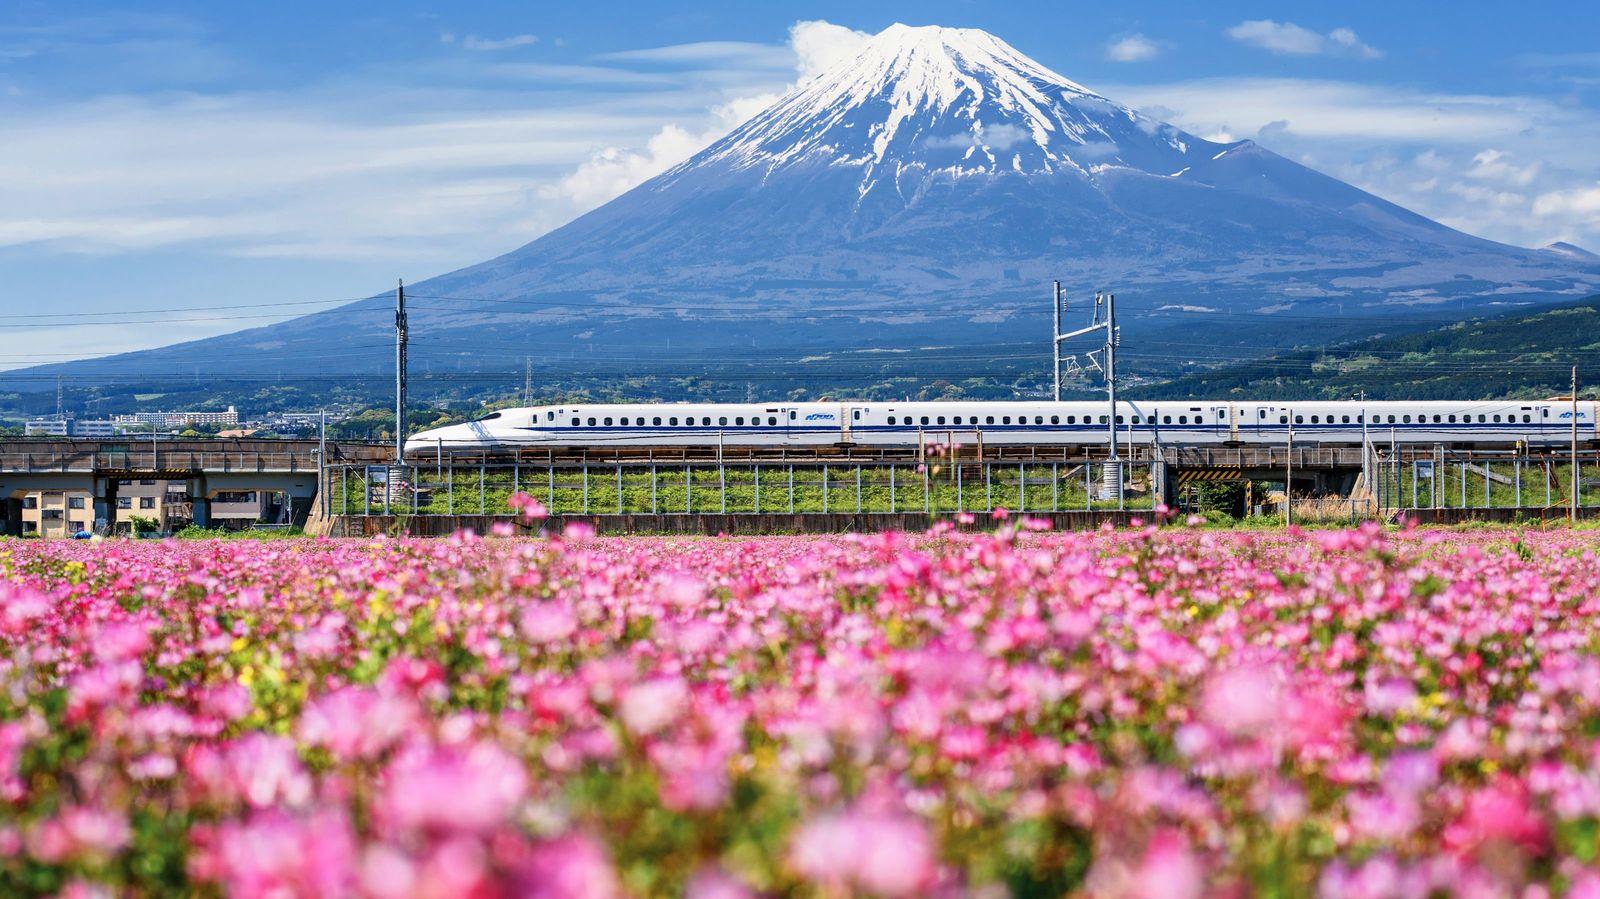 """おトクすぎる「フルムーンパス」…鉄道ジャーナリストも""""穴""""と断言した 広島に行くだけで旅費が2万も浮く"""